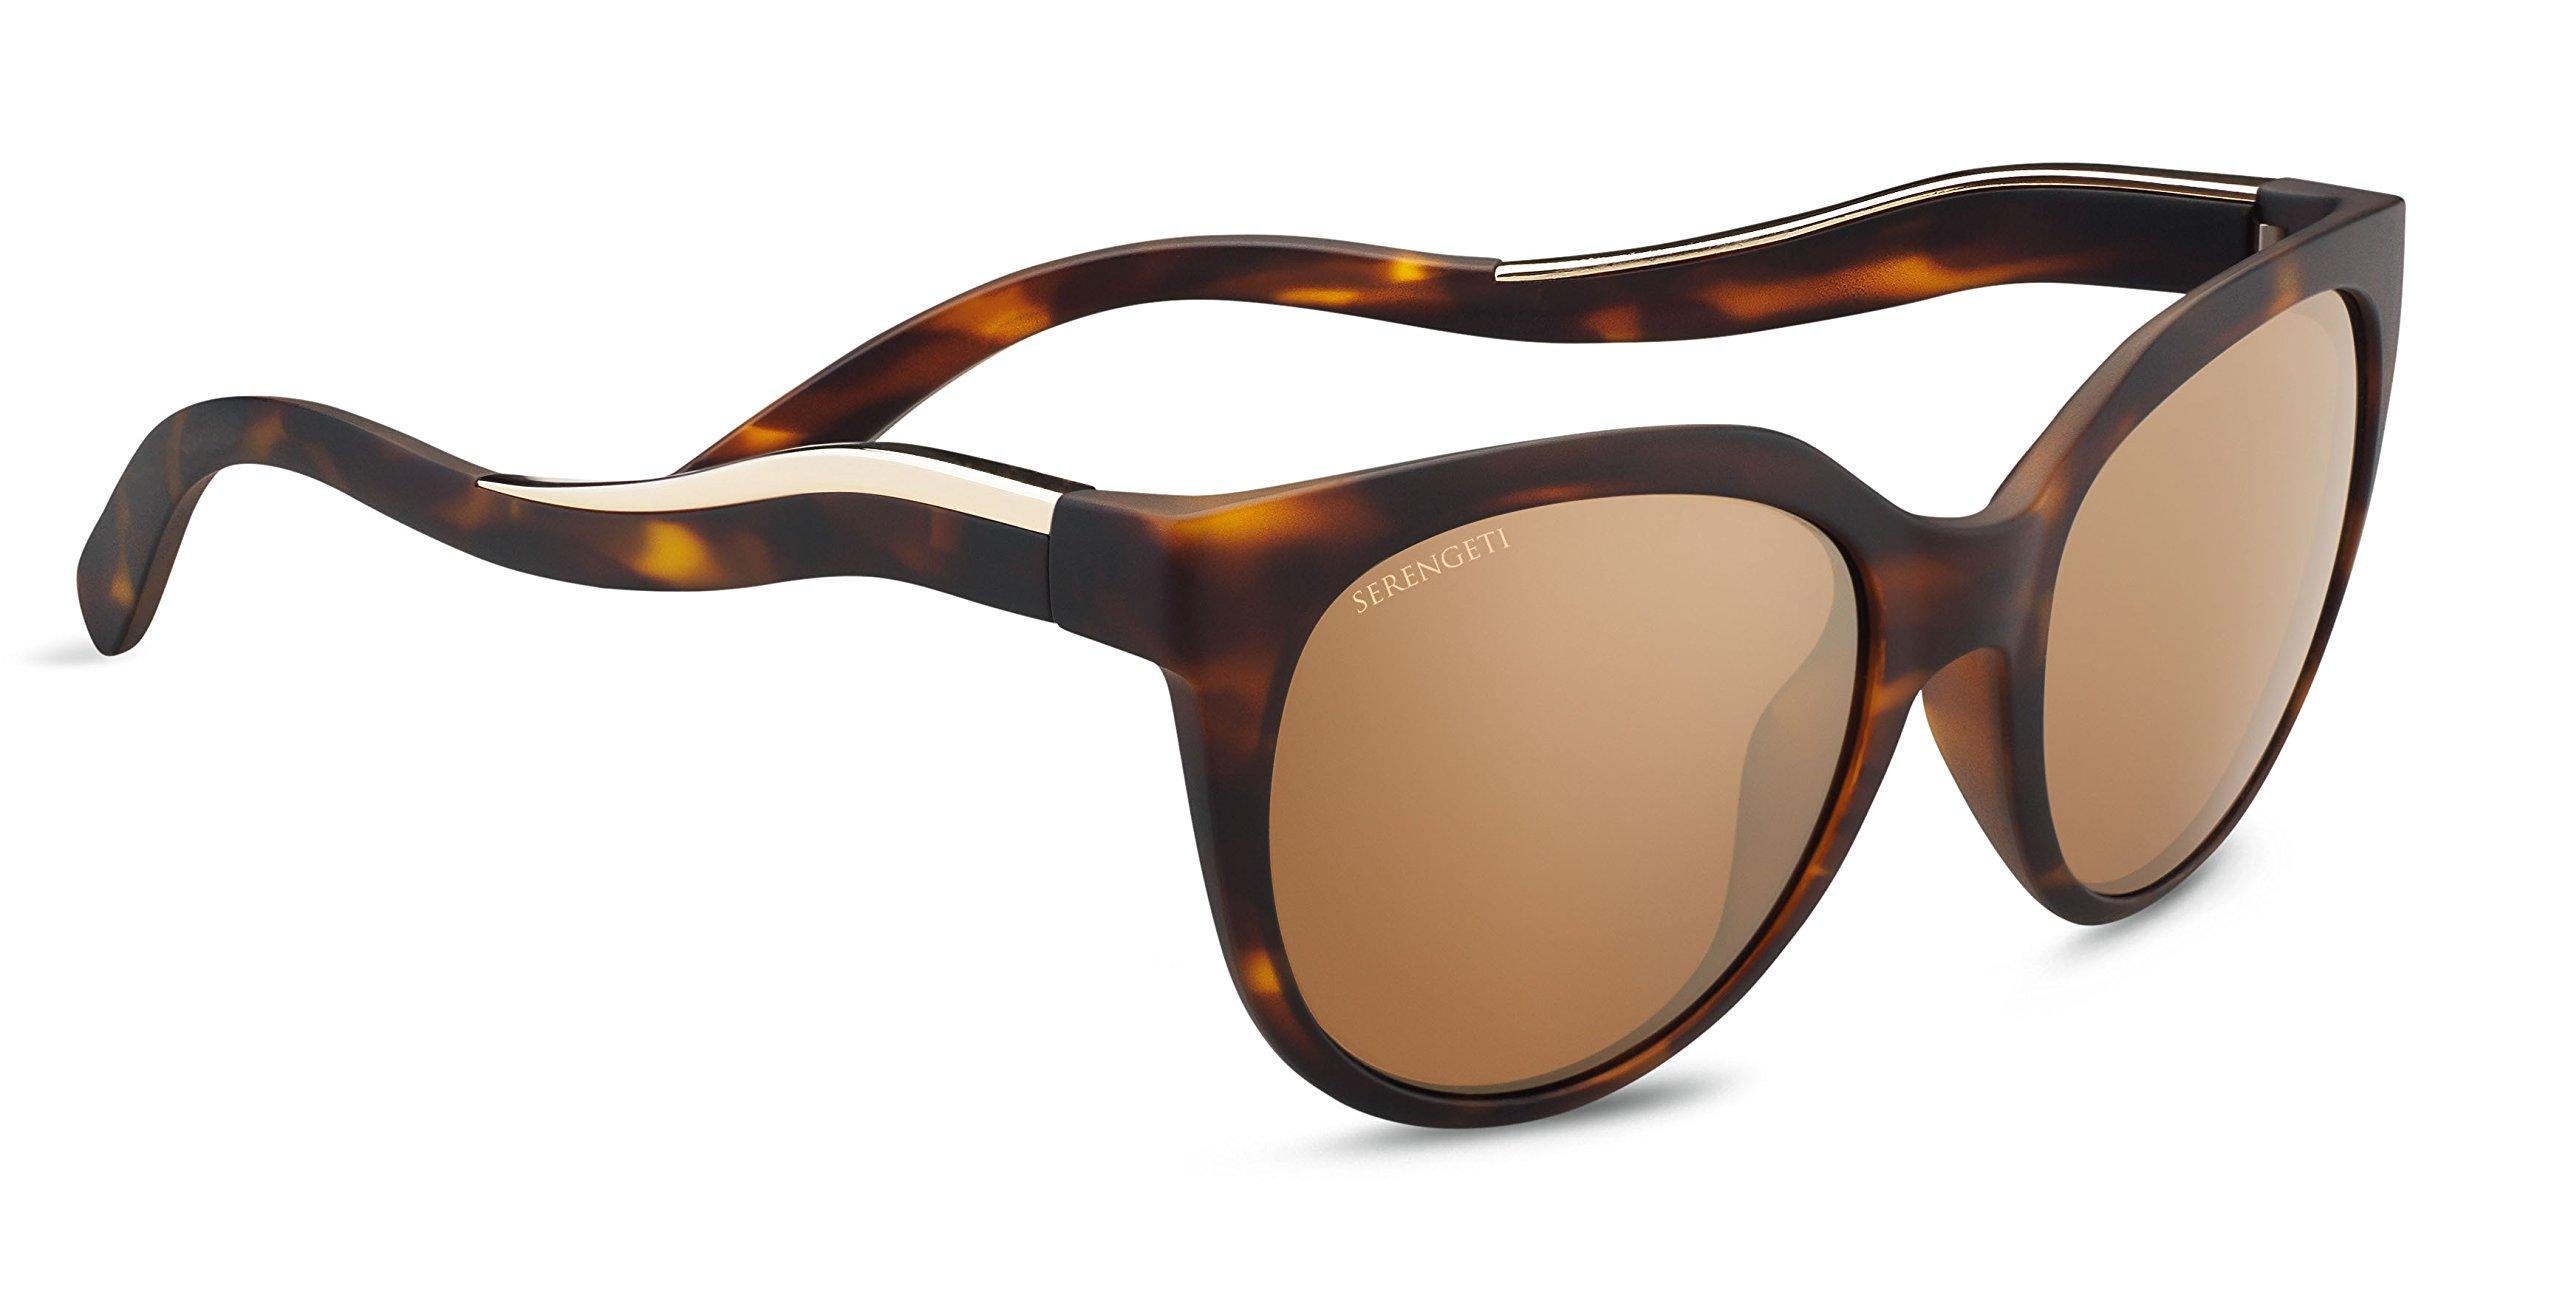 Serengeti Lia Sunglasses Satin Tortoise Frame/Shiny Champange Gold, Gold by Serengeti